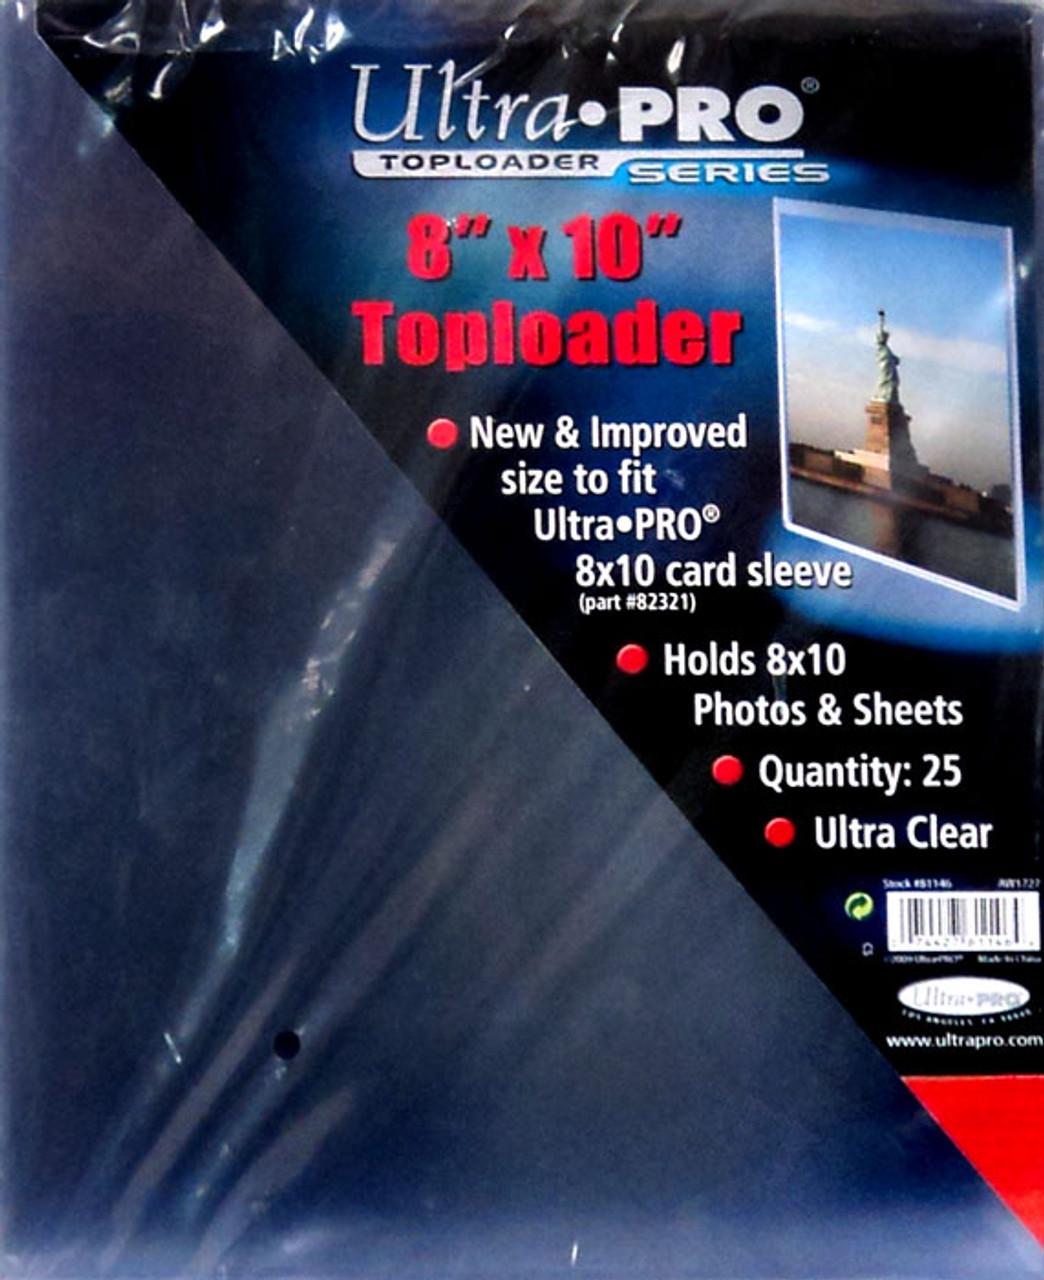 Ultra Pro Card Supplies Toploader Series 8 X 10 Toploader Card